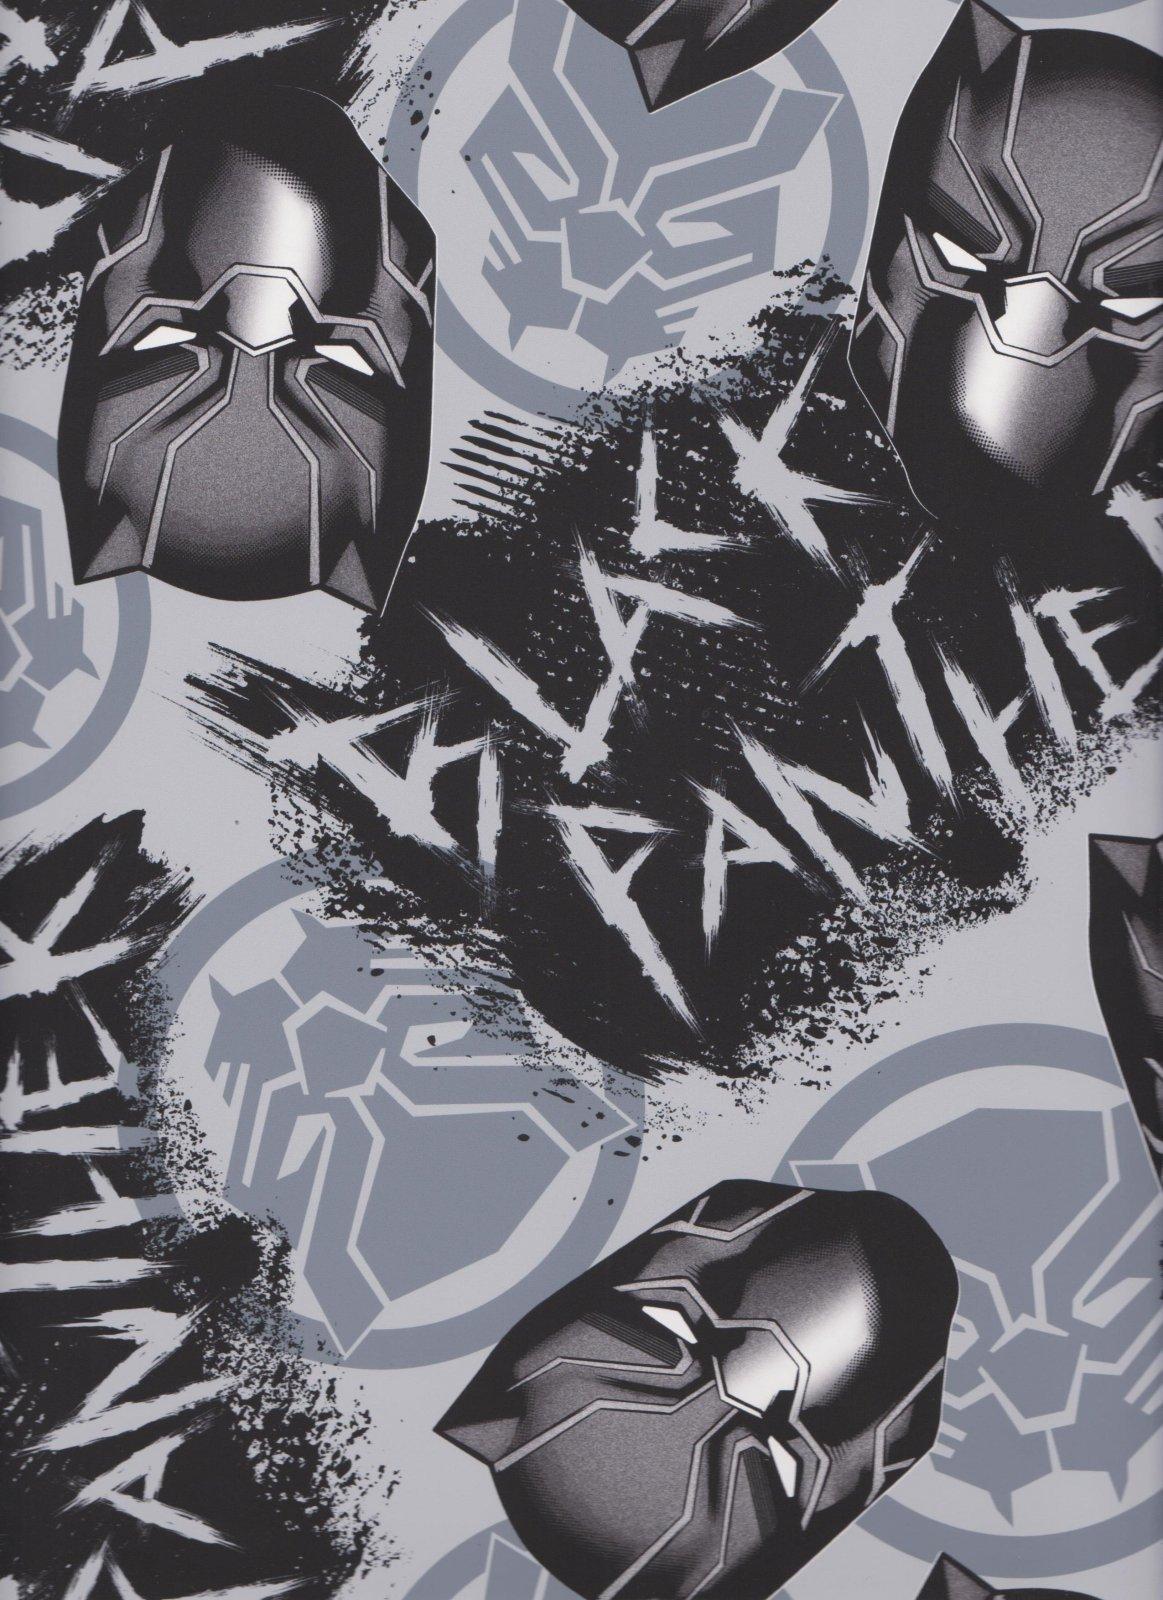 PROMO* SC-Licensed Fleece 67556-651018 Black Panther